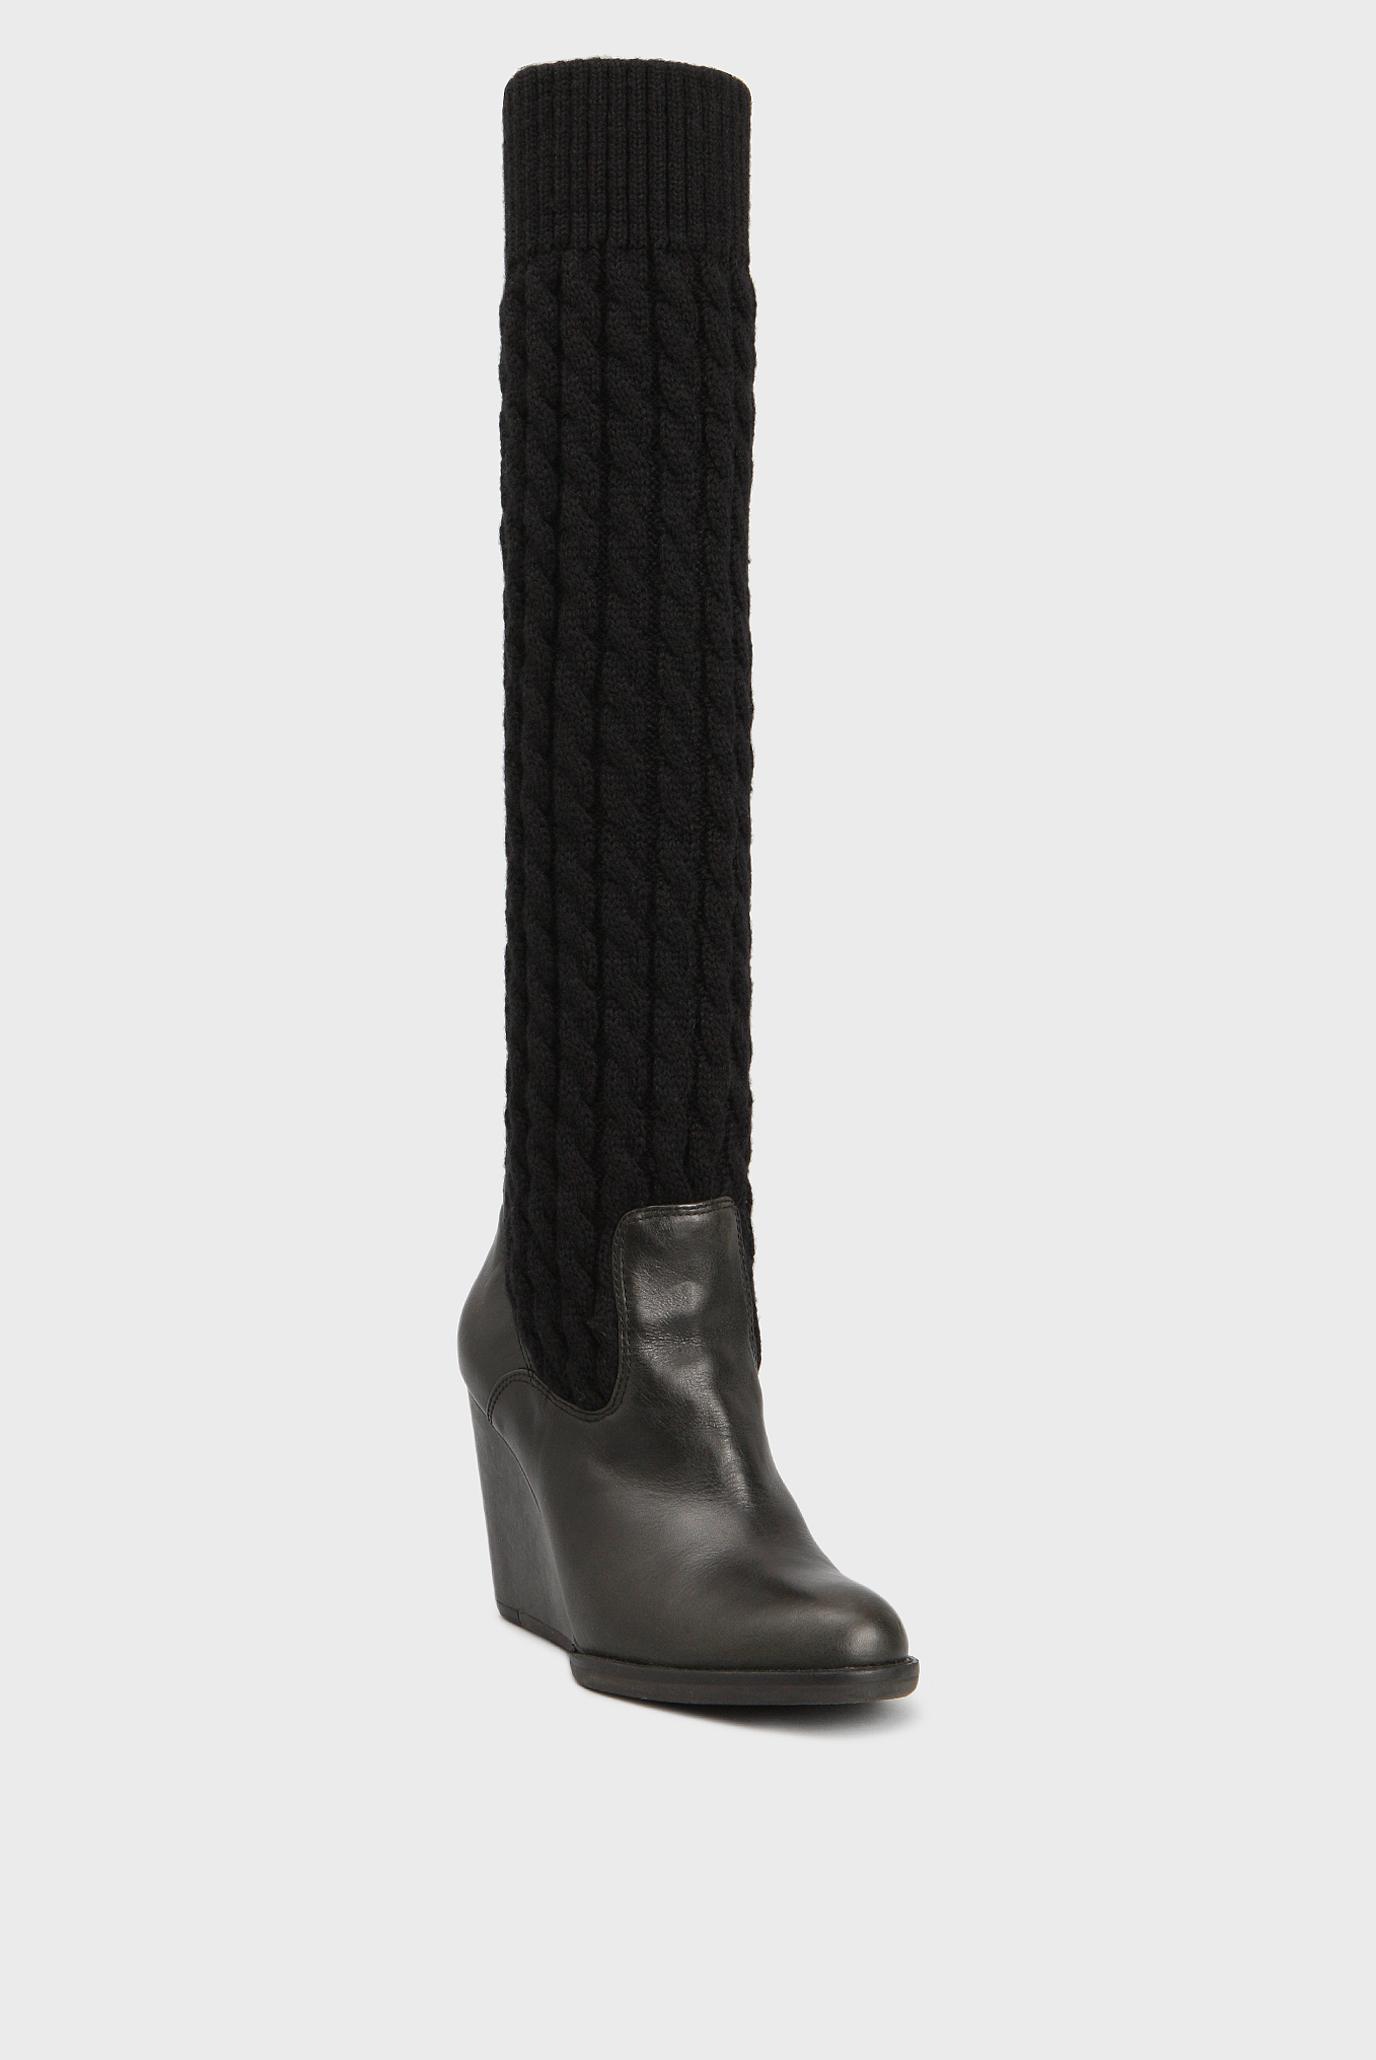 Купить Женские черные кожаные сапоги Tommy Hilfiger Tommy Hilfiger ... 817b899cb948c